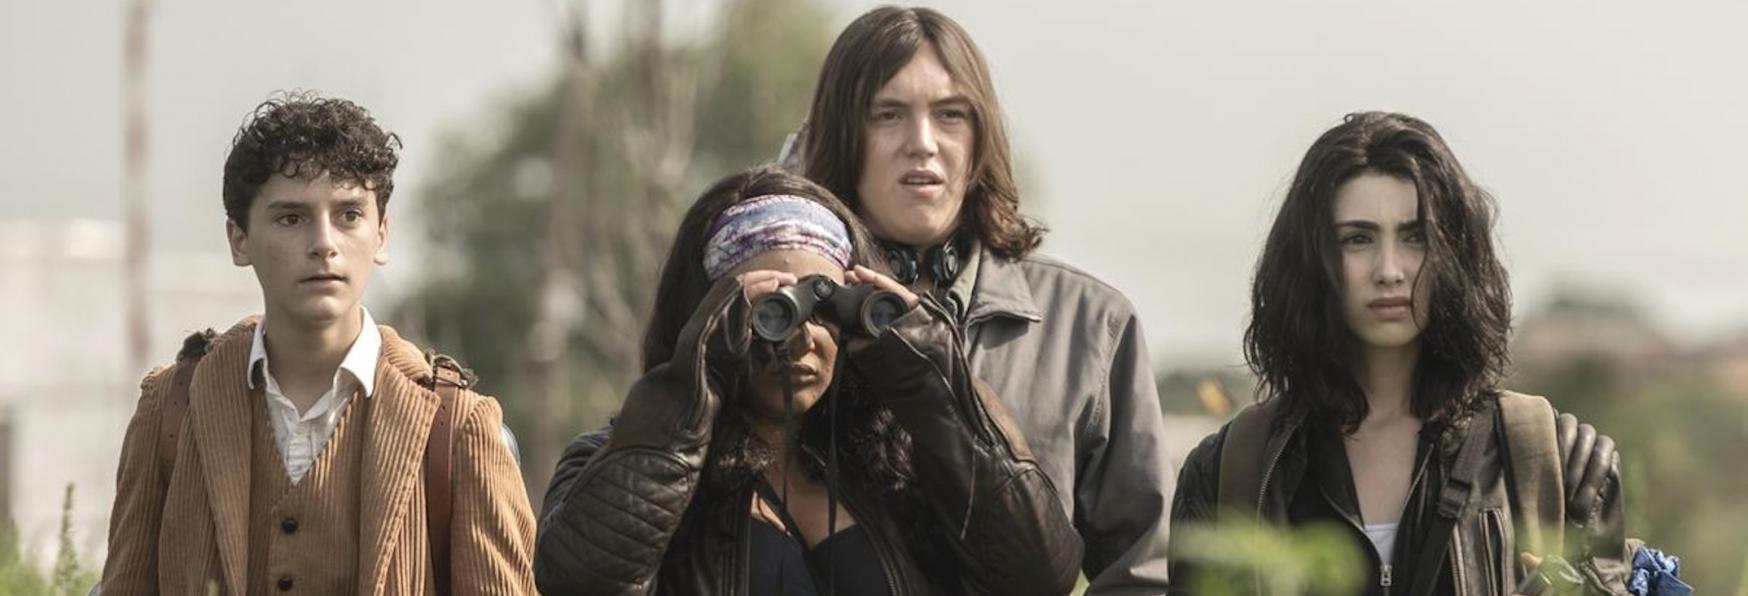 The Walking Dead: World Beyond - La nostra Recensione del 1° Episodio della Serie TV Spin-off